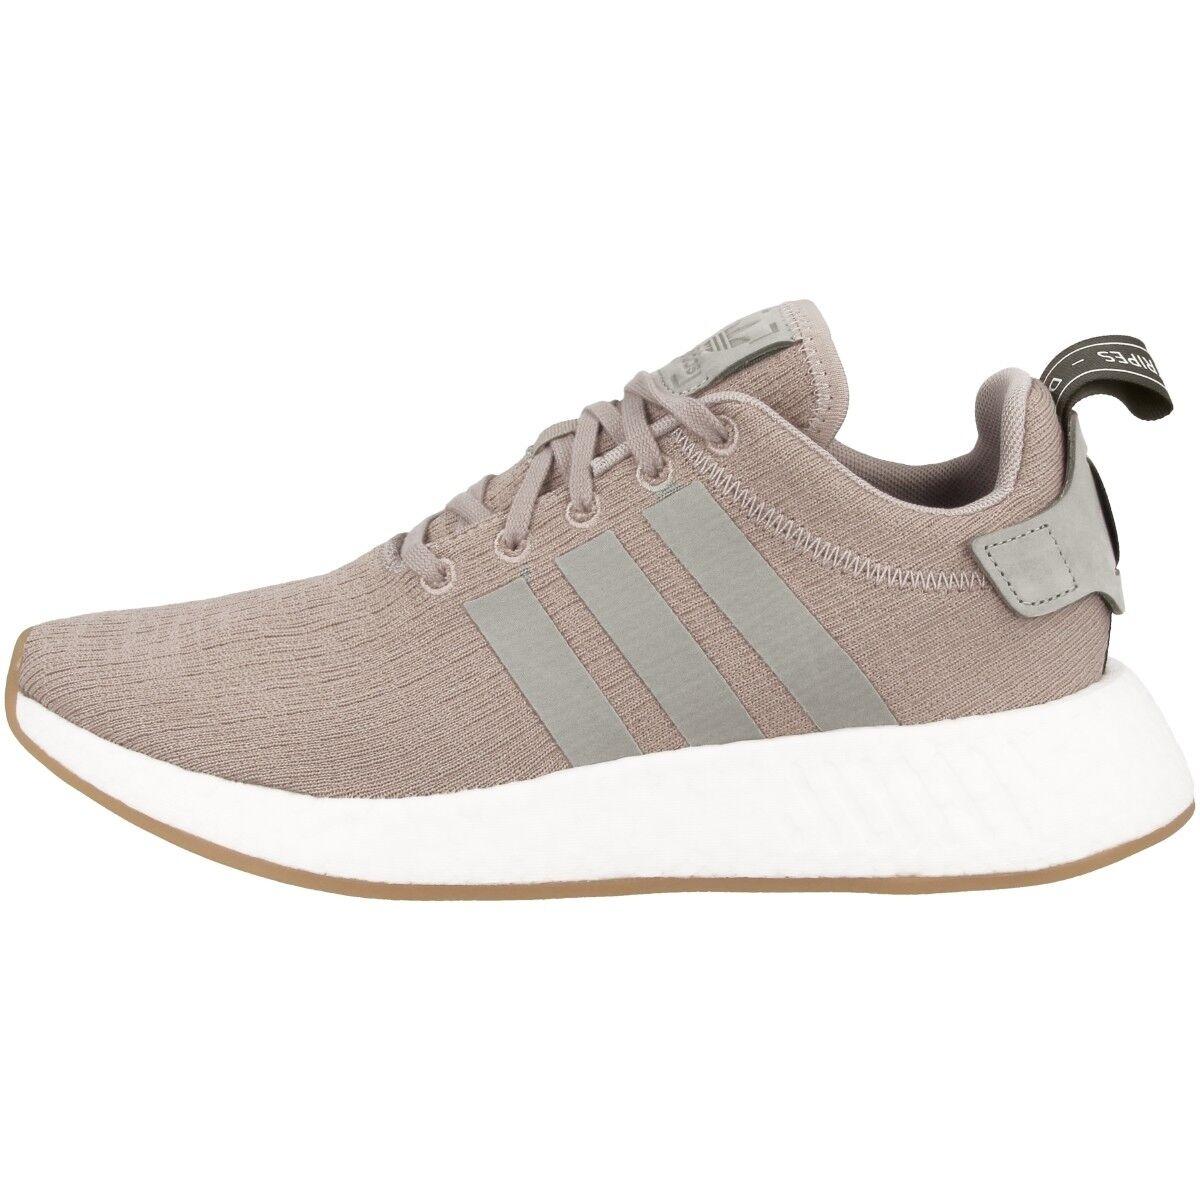 Adidas NMD R2 Zapatos vapour Freizeit Sneaker TurnZapatos Zapatillas Zapatillas Zapatillas 723b65